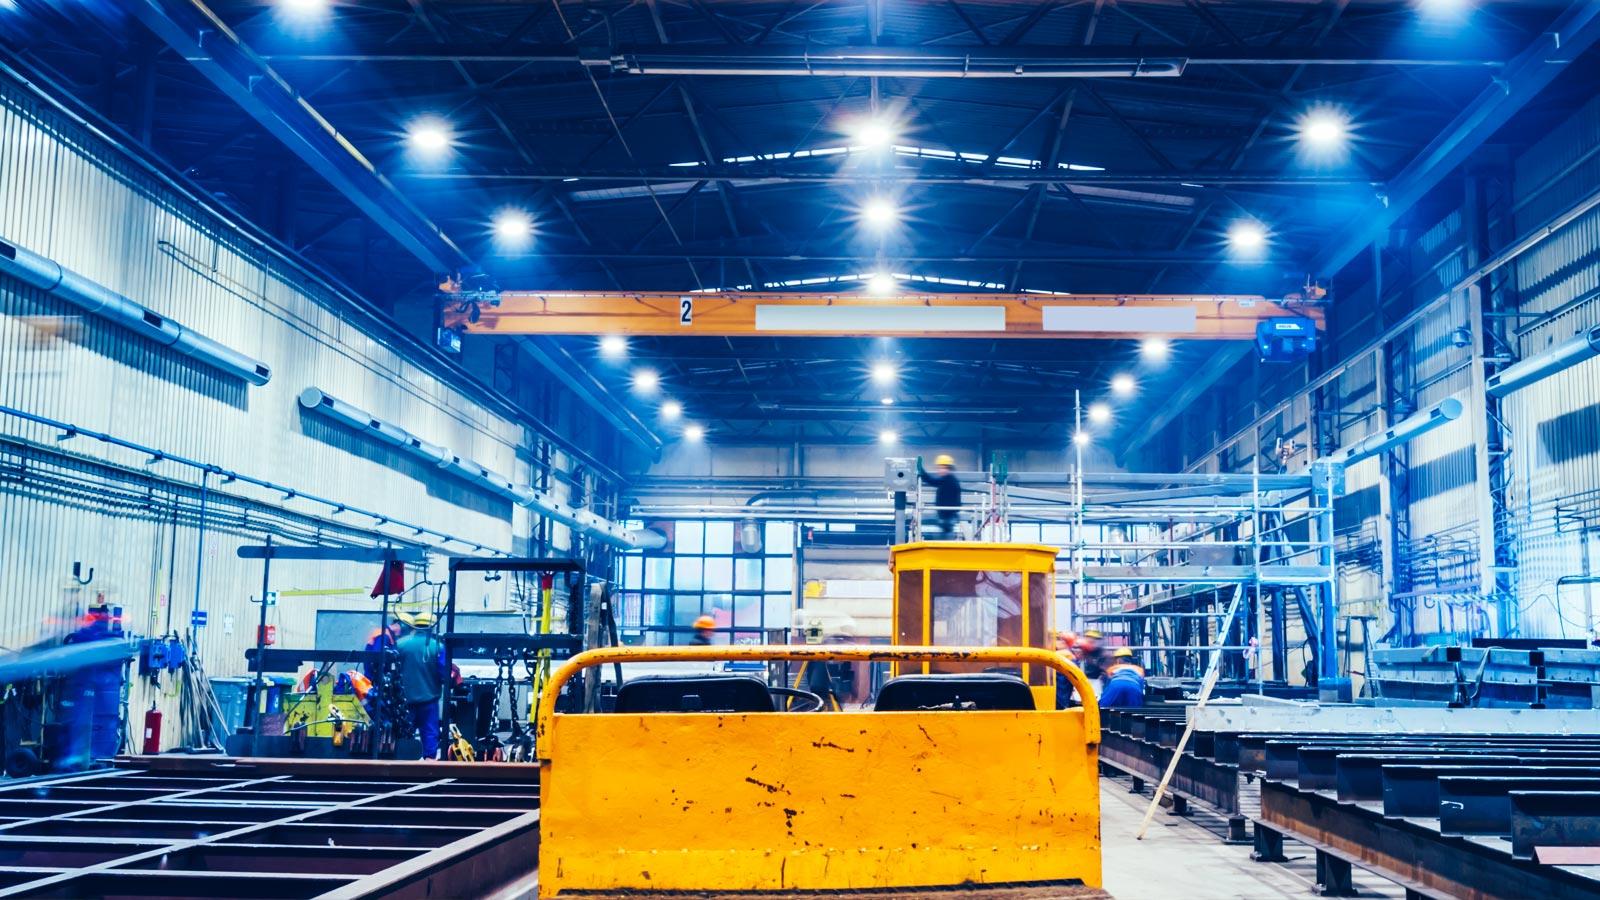 cignoli-elettroforniture-installazione-industriale-automazione-illuminazione-49